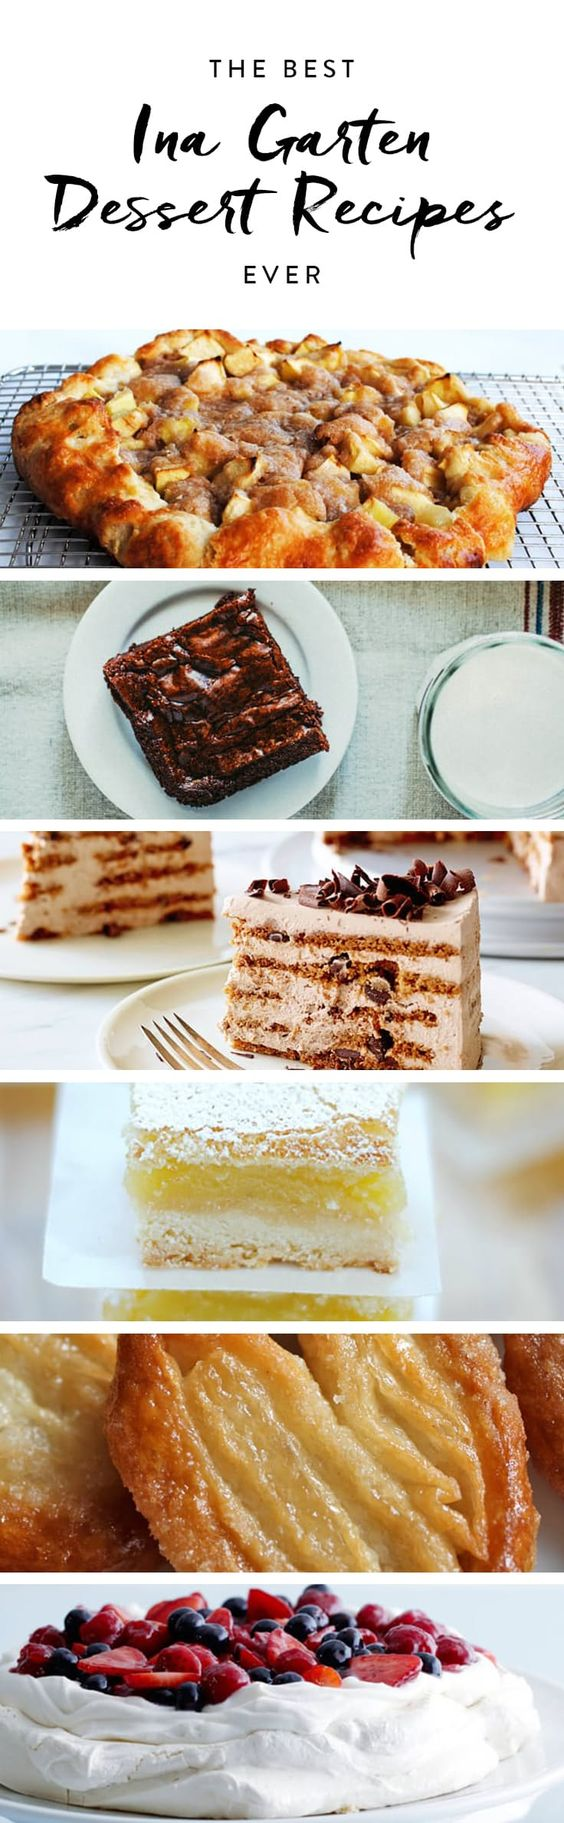 The Best Ina Garten Dessert Recipes Ever